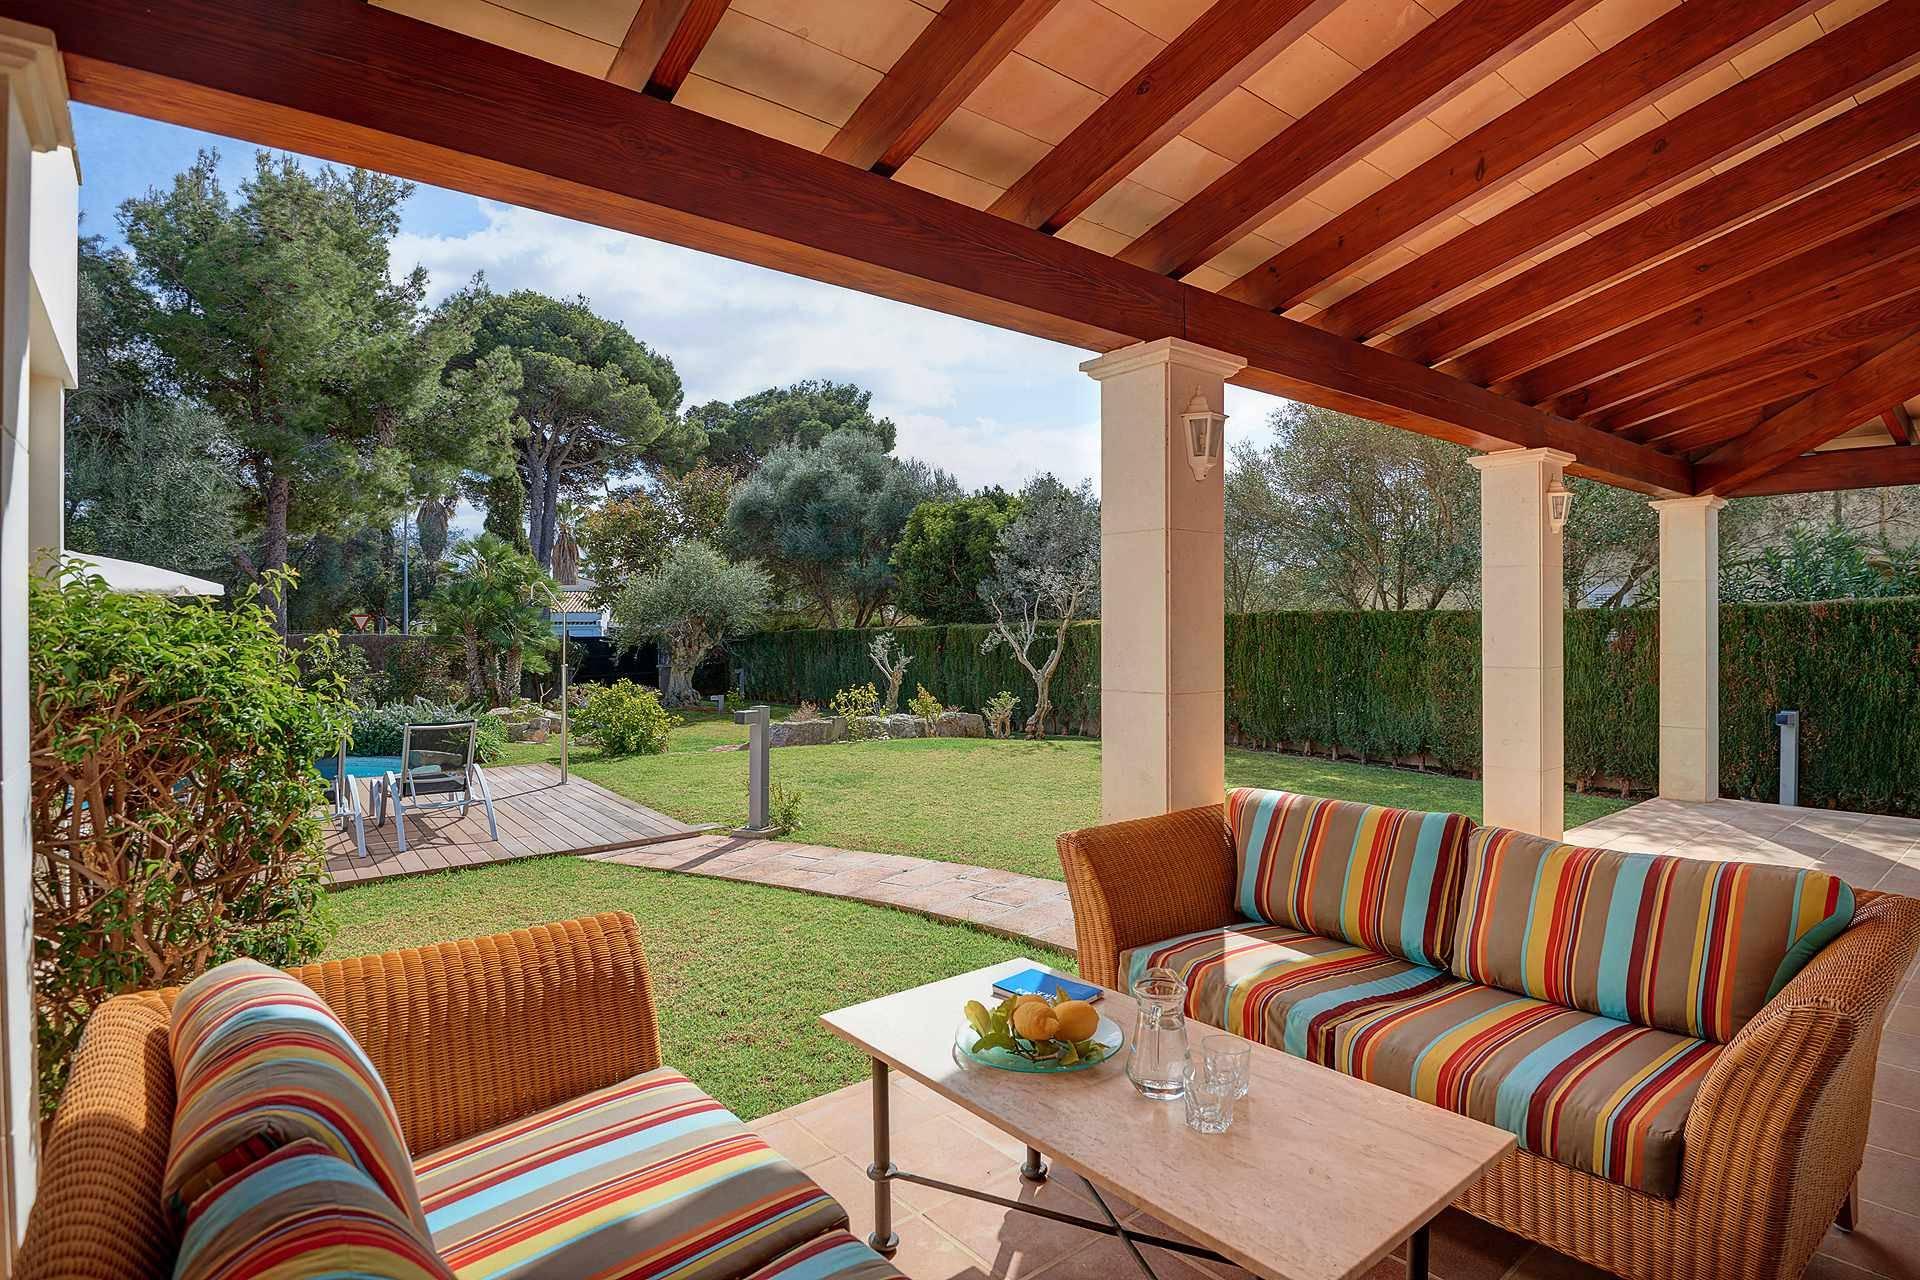 01-49 luxuriöses Chalet Nordosten Mallorca Bild 5